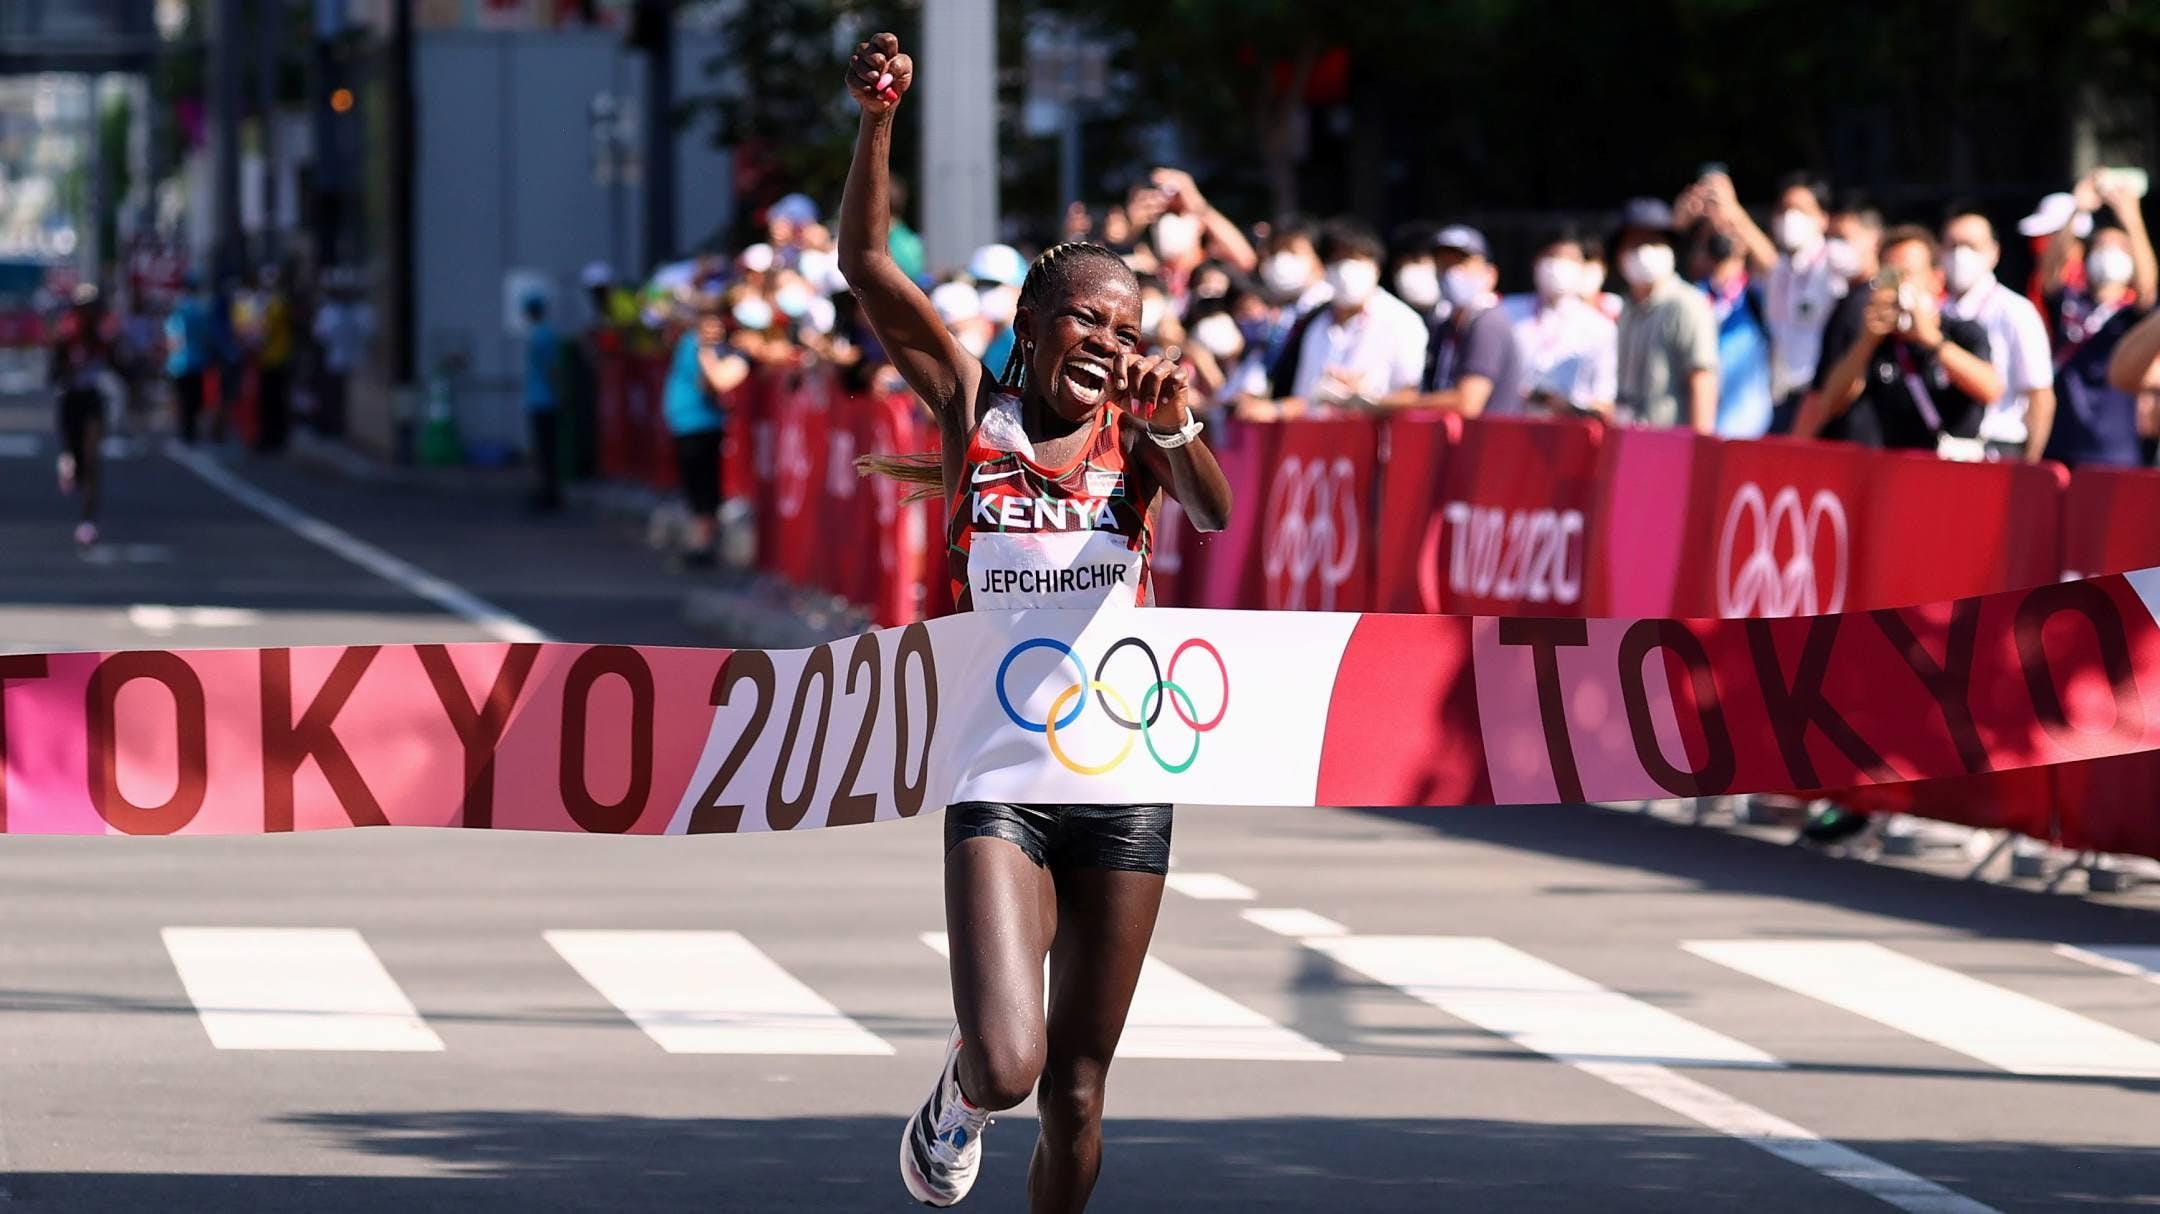 Μαραθώνιος γυναικών: Χρυσή Ολυμπιονίκης η Jepchirchir με χρόνο 2:27:20